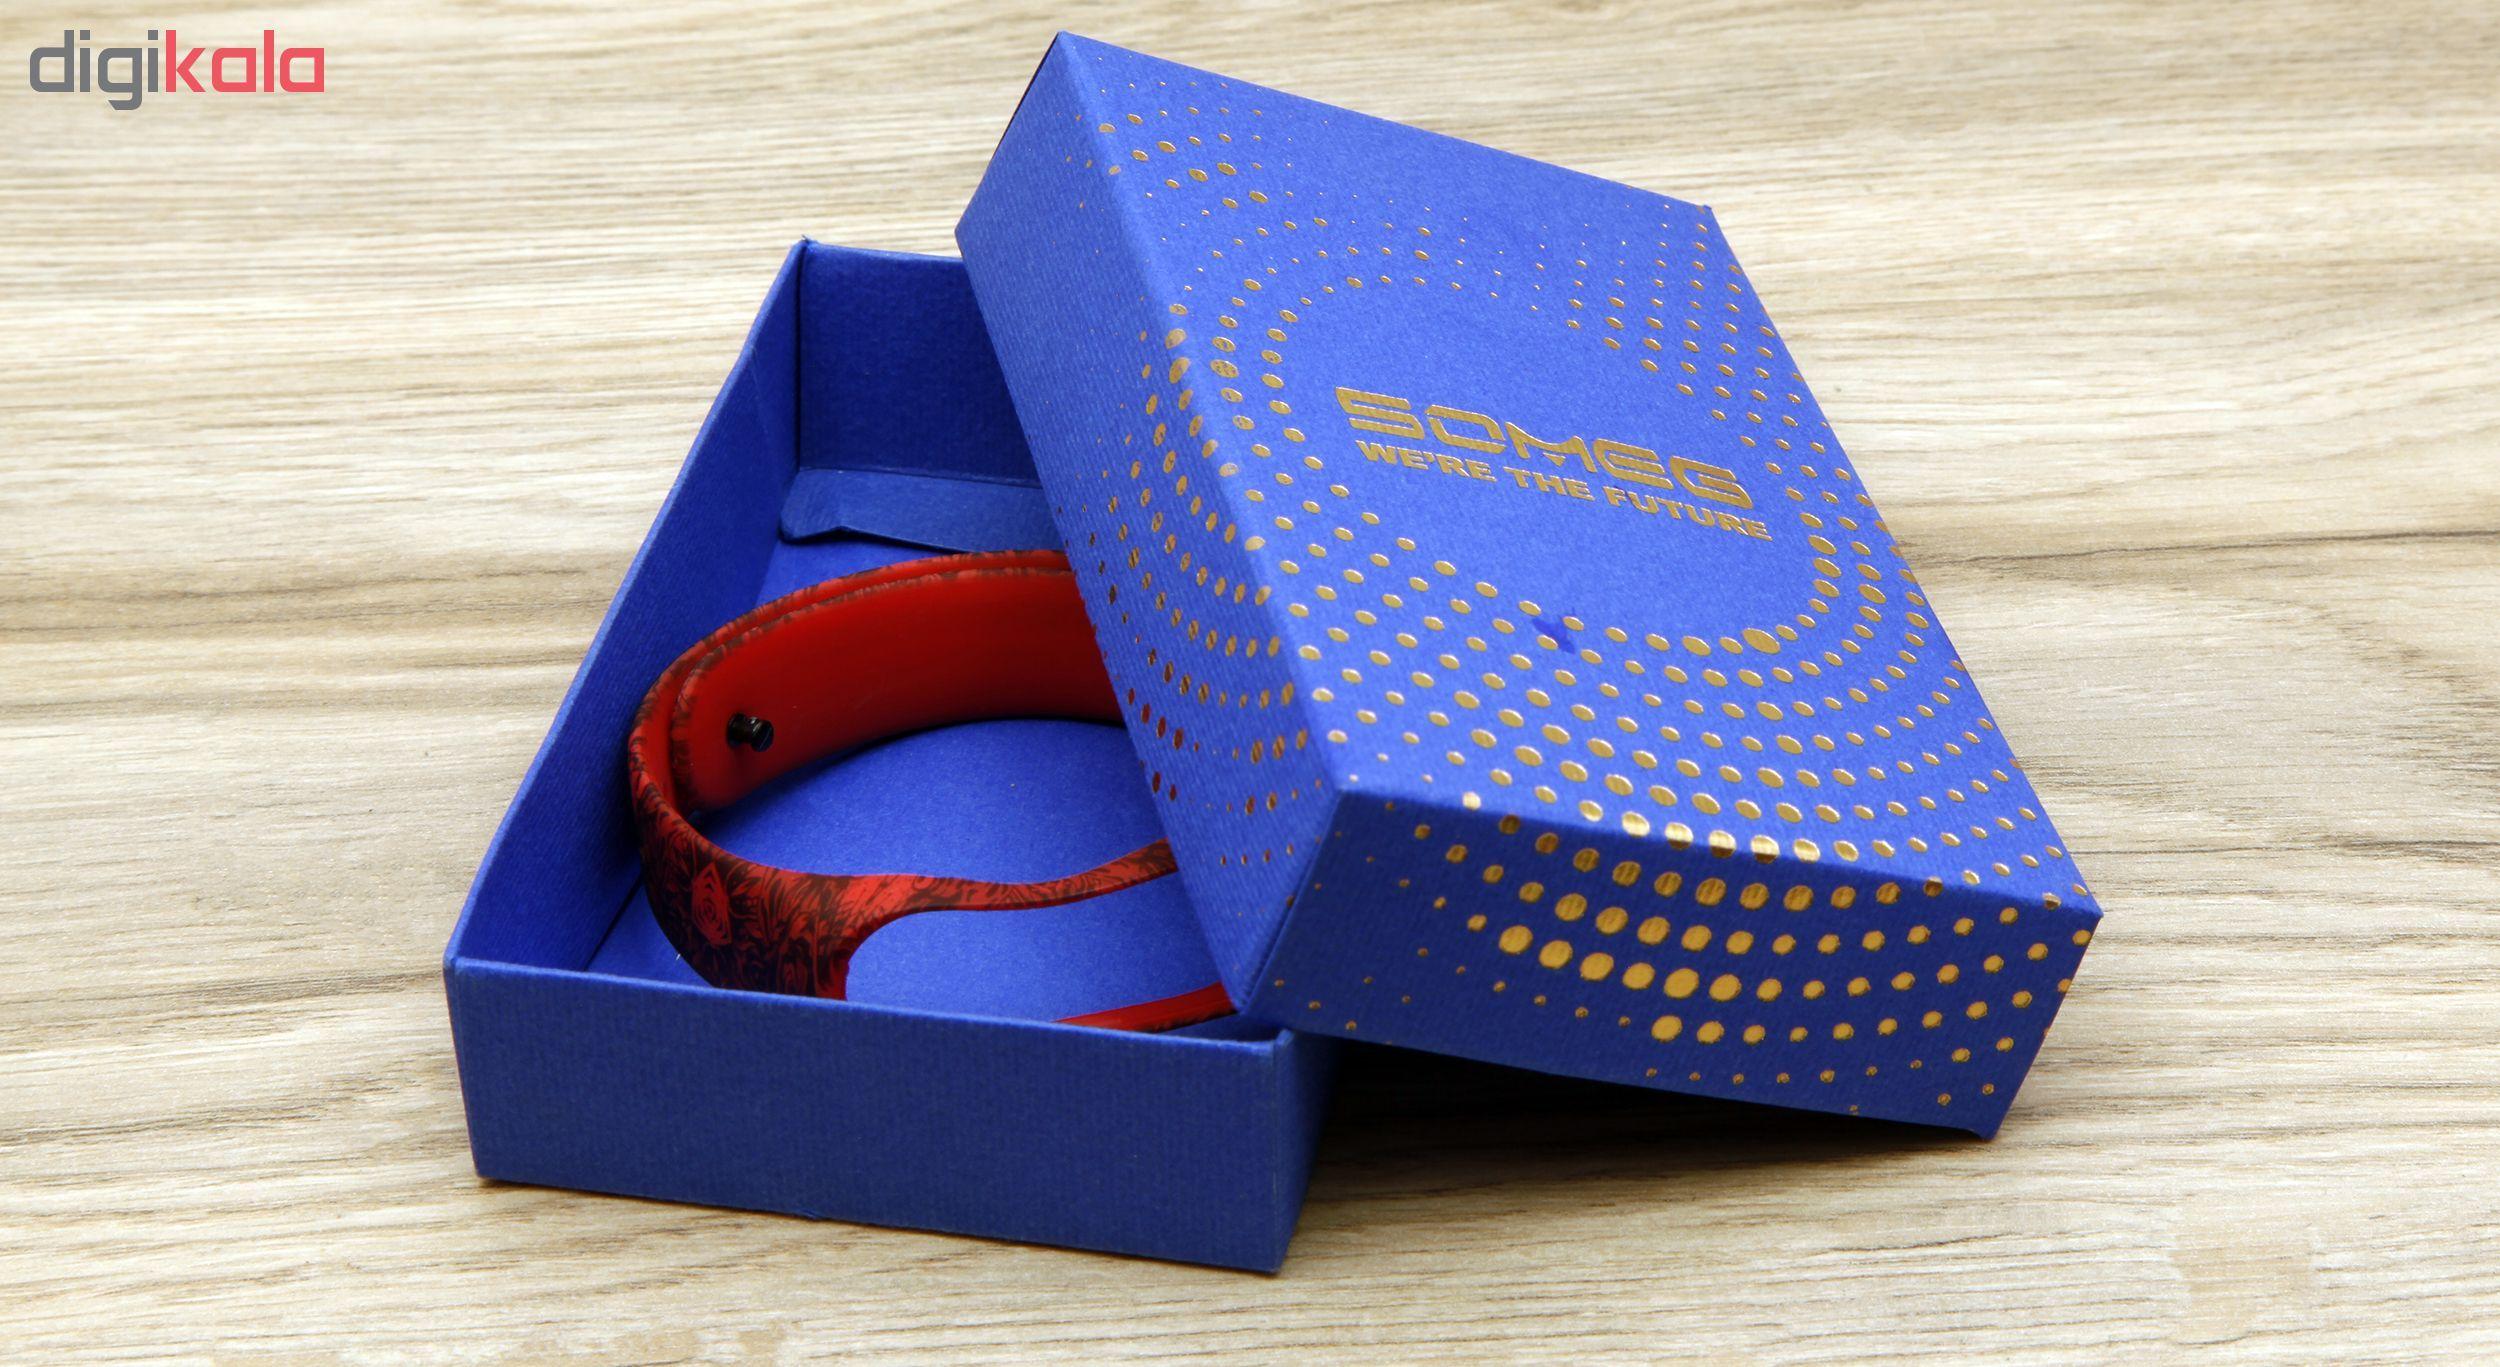 بند مچ بند هوشمند سومگ مدل  SMG-4 مناسب برای مچ بند هوشمند شیائومی Mi Band 3 و M3 main 1 7